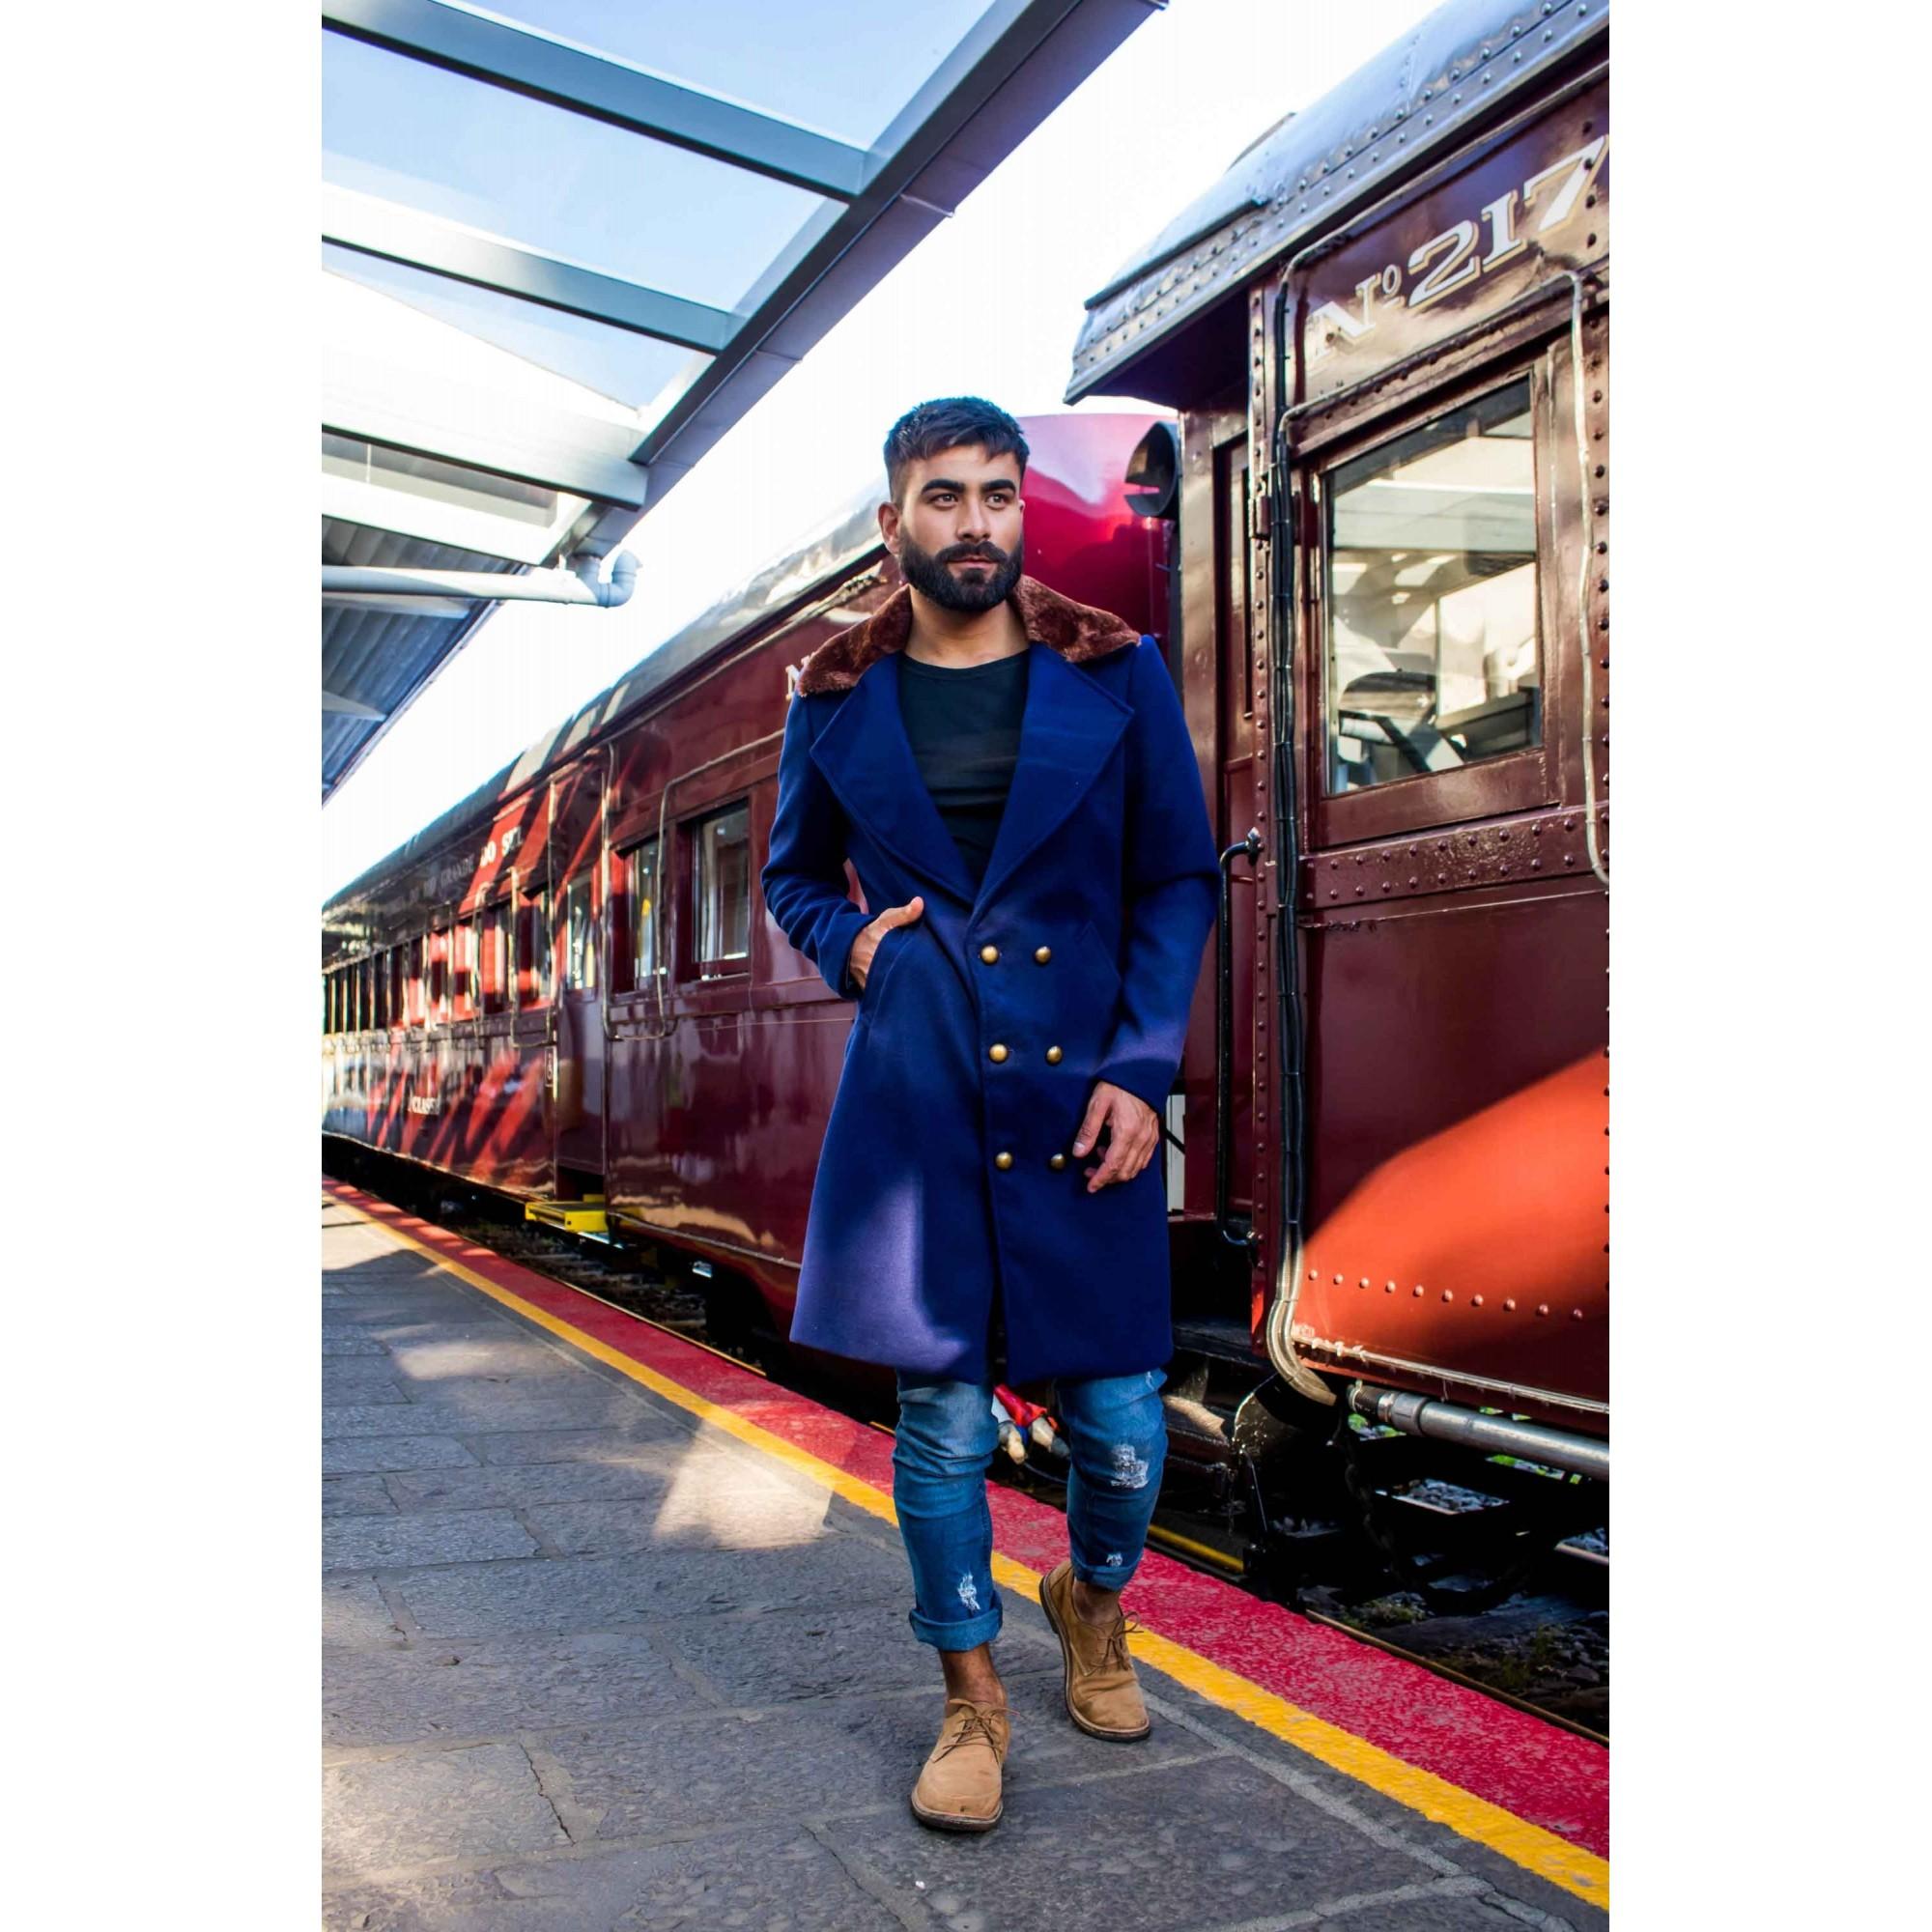 Sobretudo/Overcoat Masculino de Lã Azul Marinho Gola em Pele